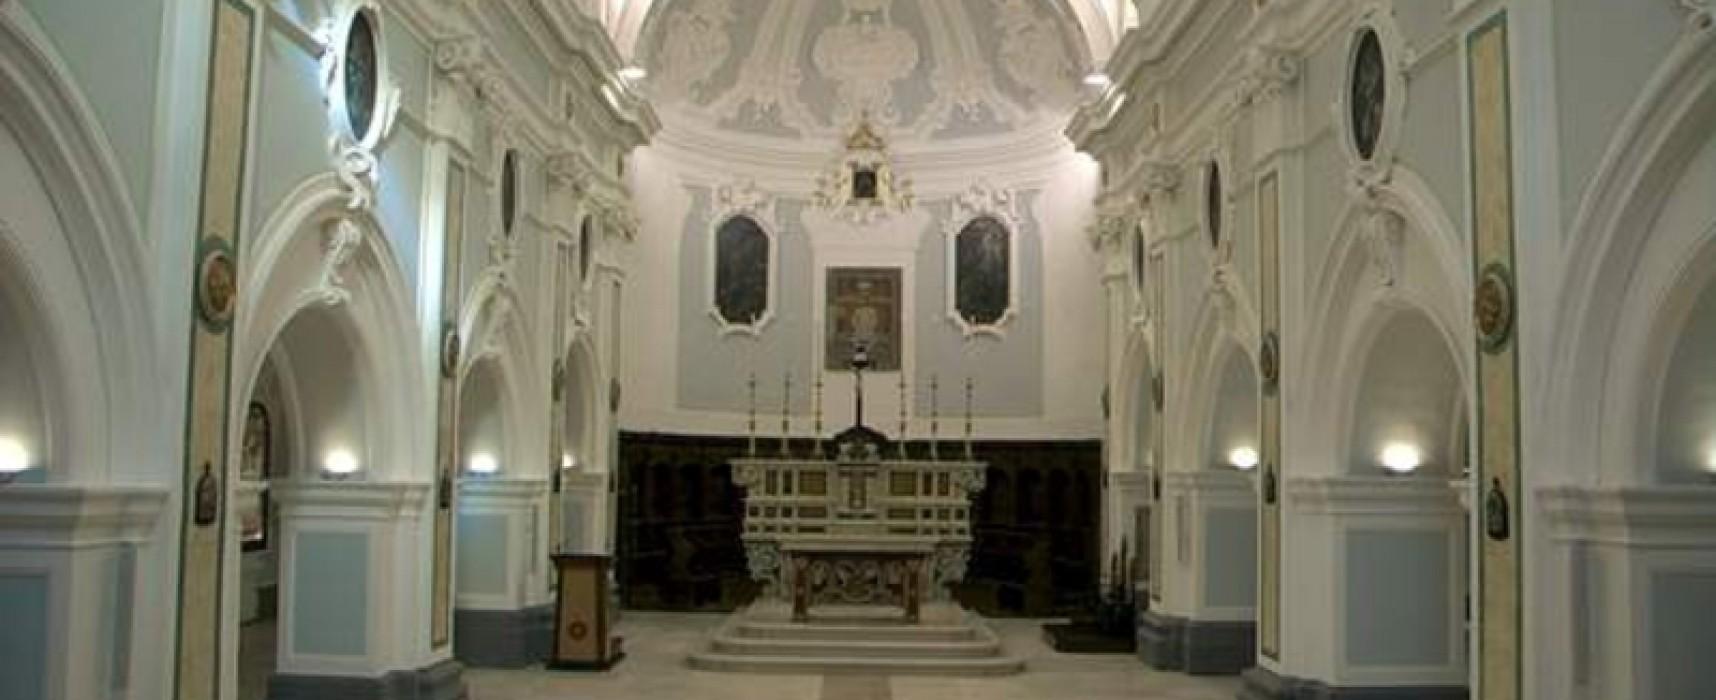 Viaggio nelle parrocchie, Don Giovanni Di Benedetto racconta difficoltà e iniziative a San Domenico